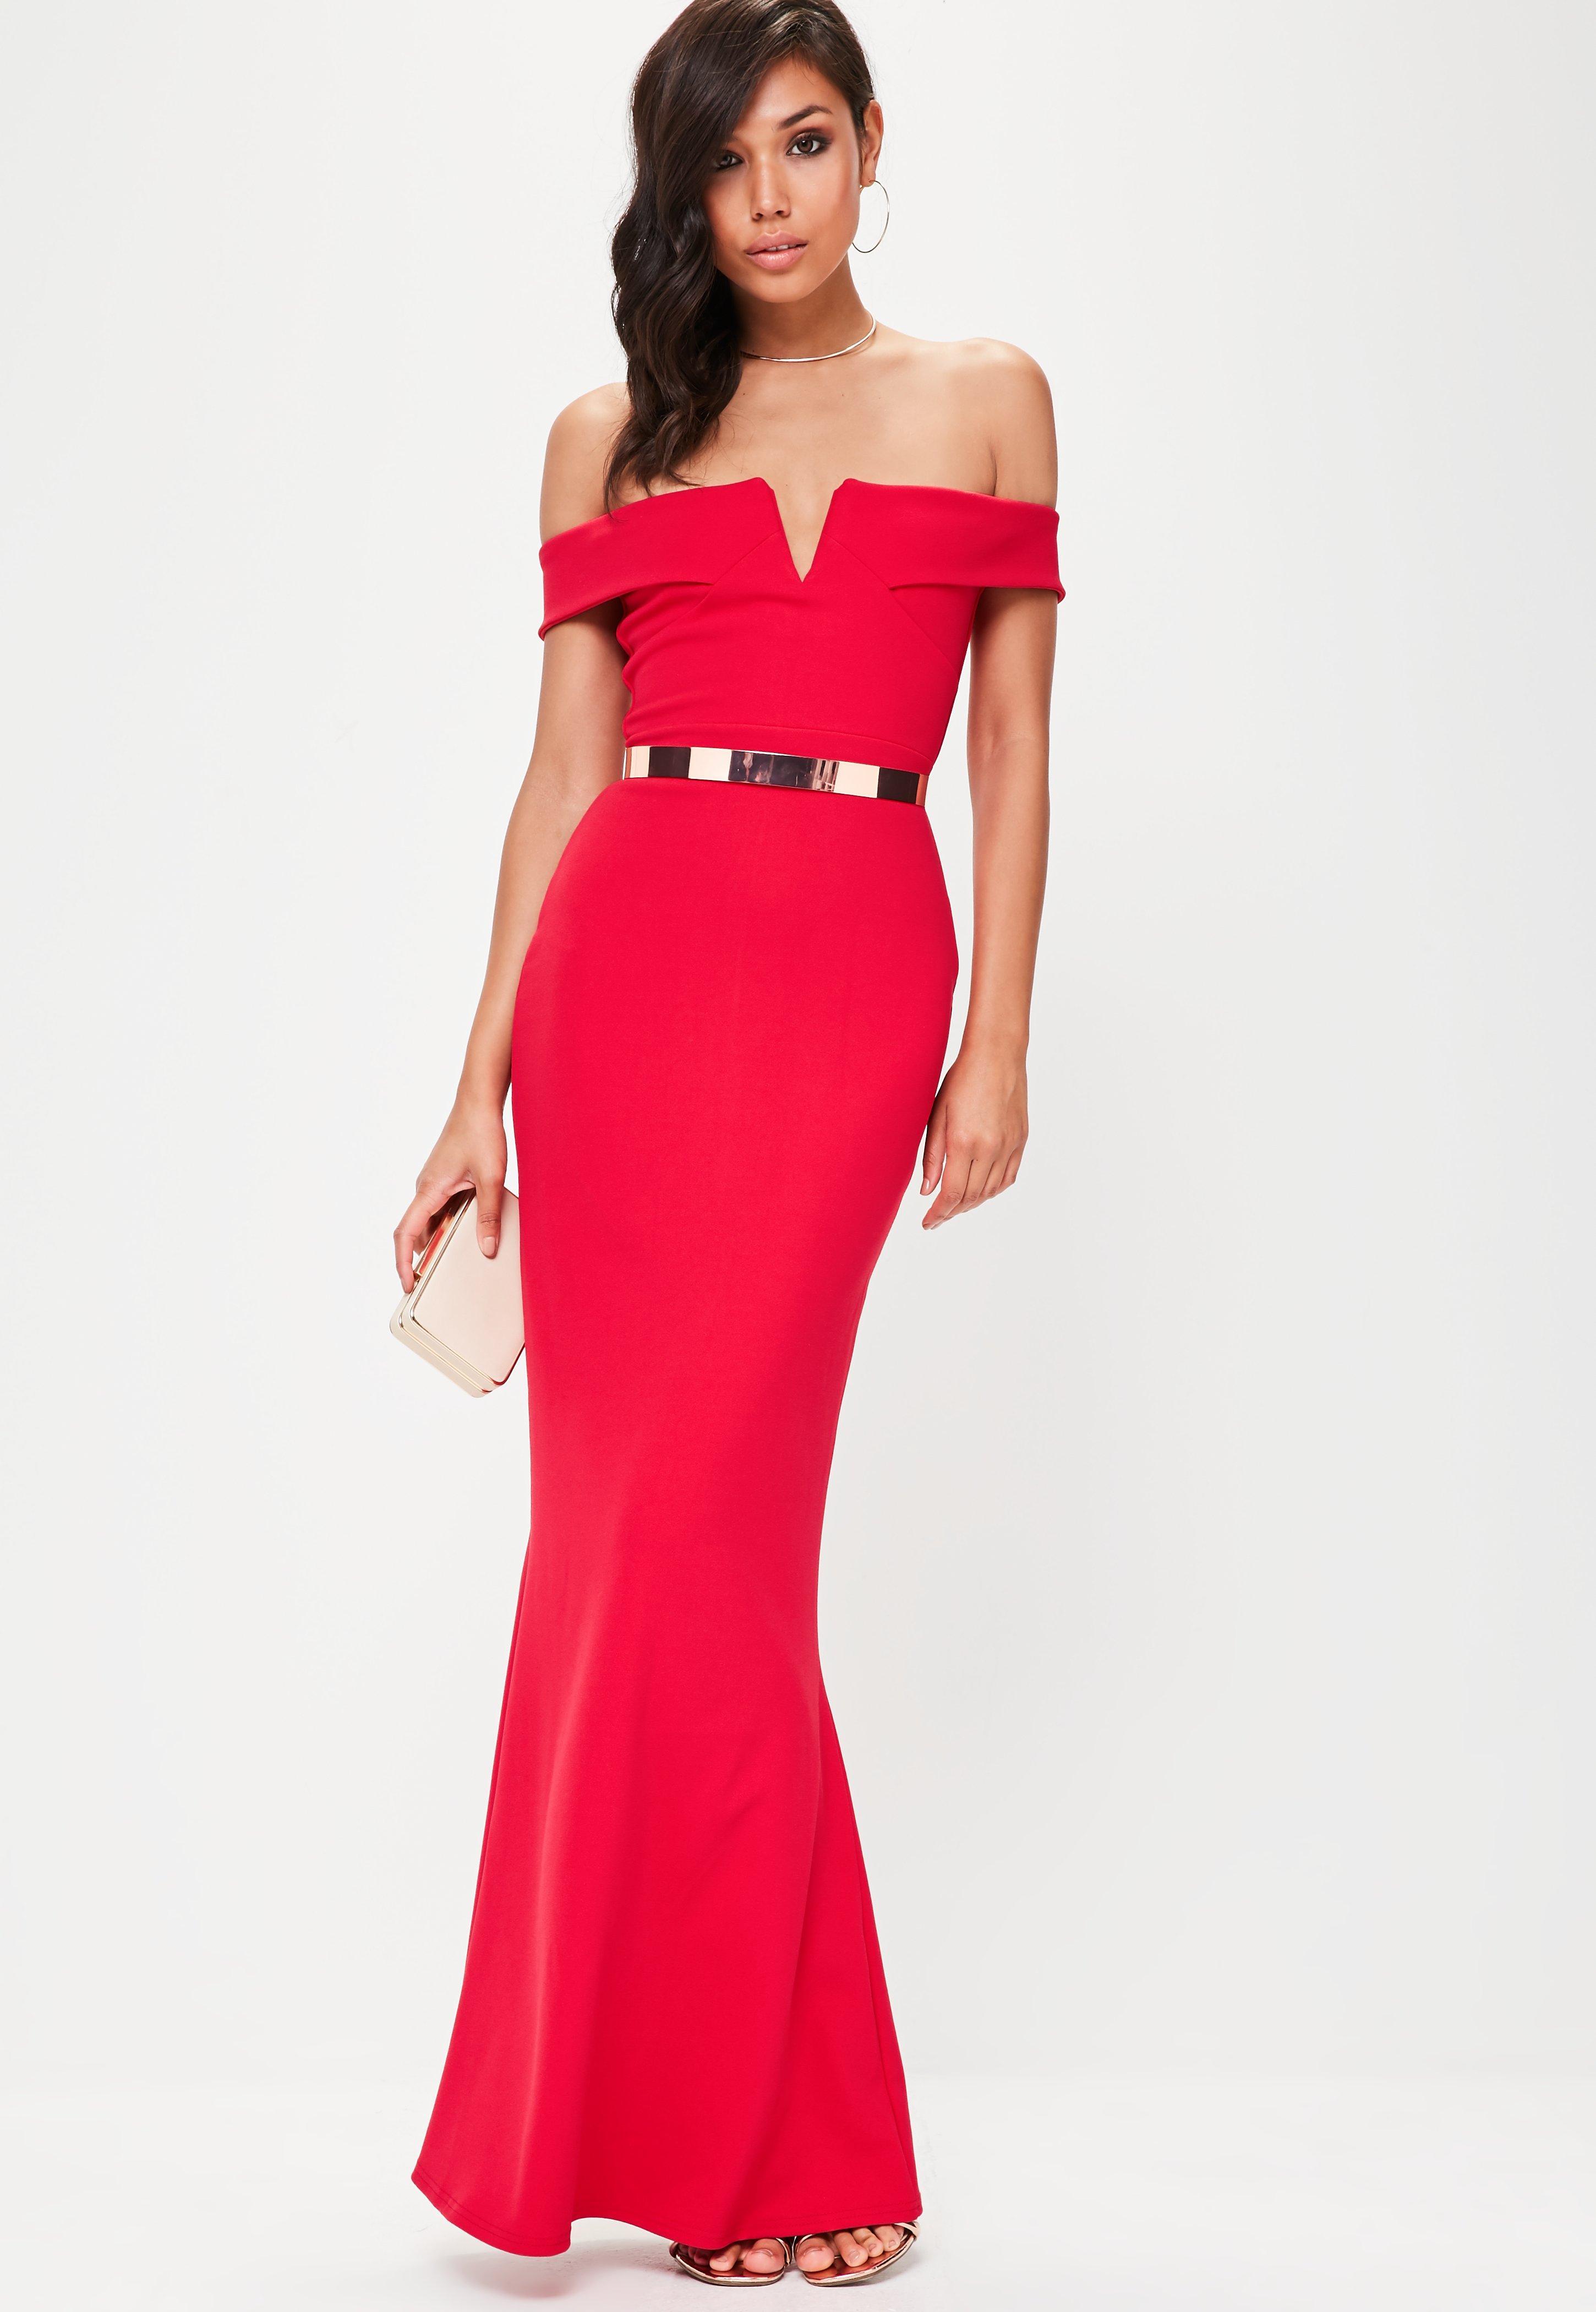 Modele de robe longue orientale